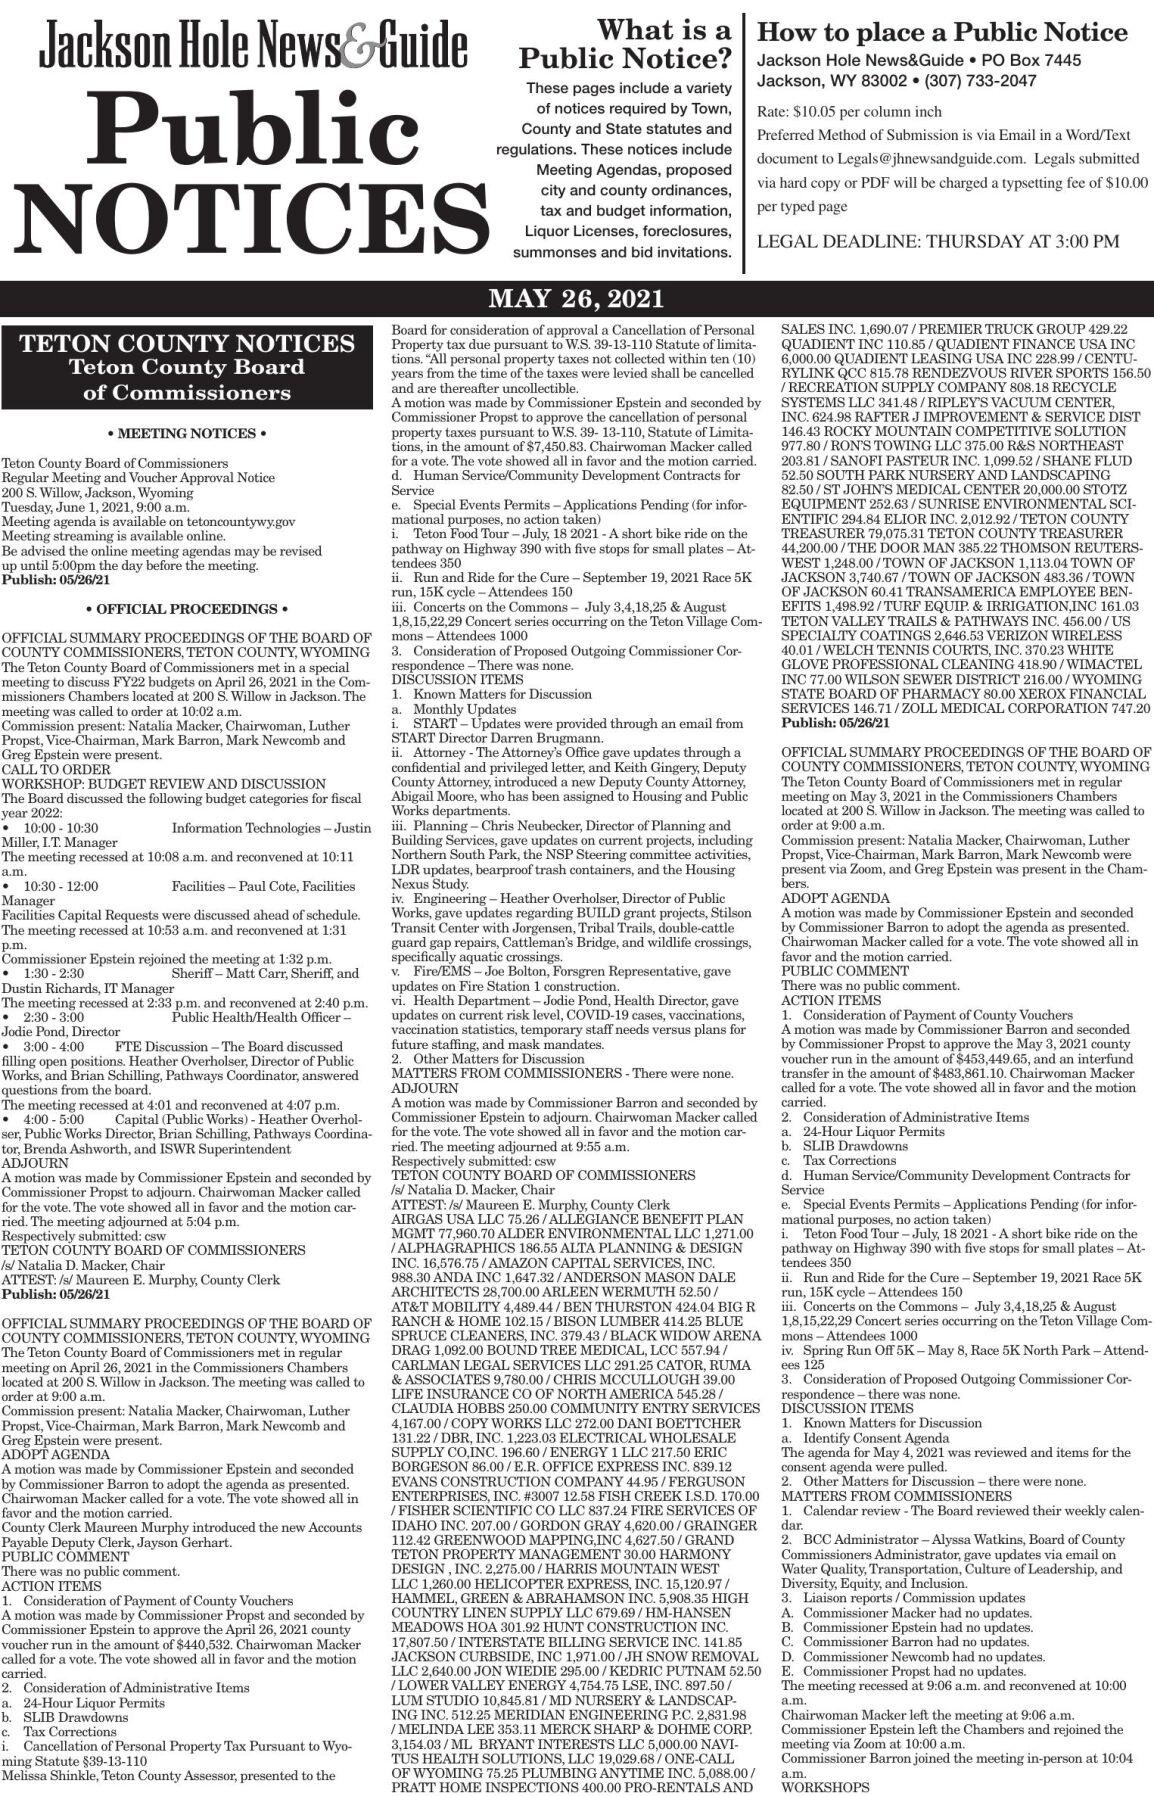 Public Notices, May 26, 2021